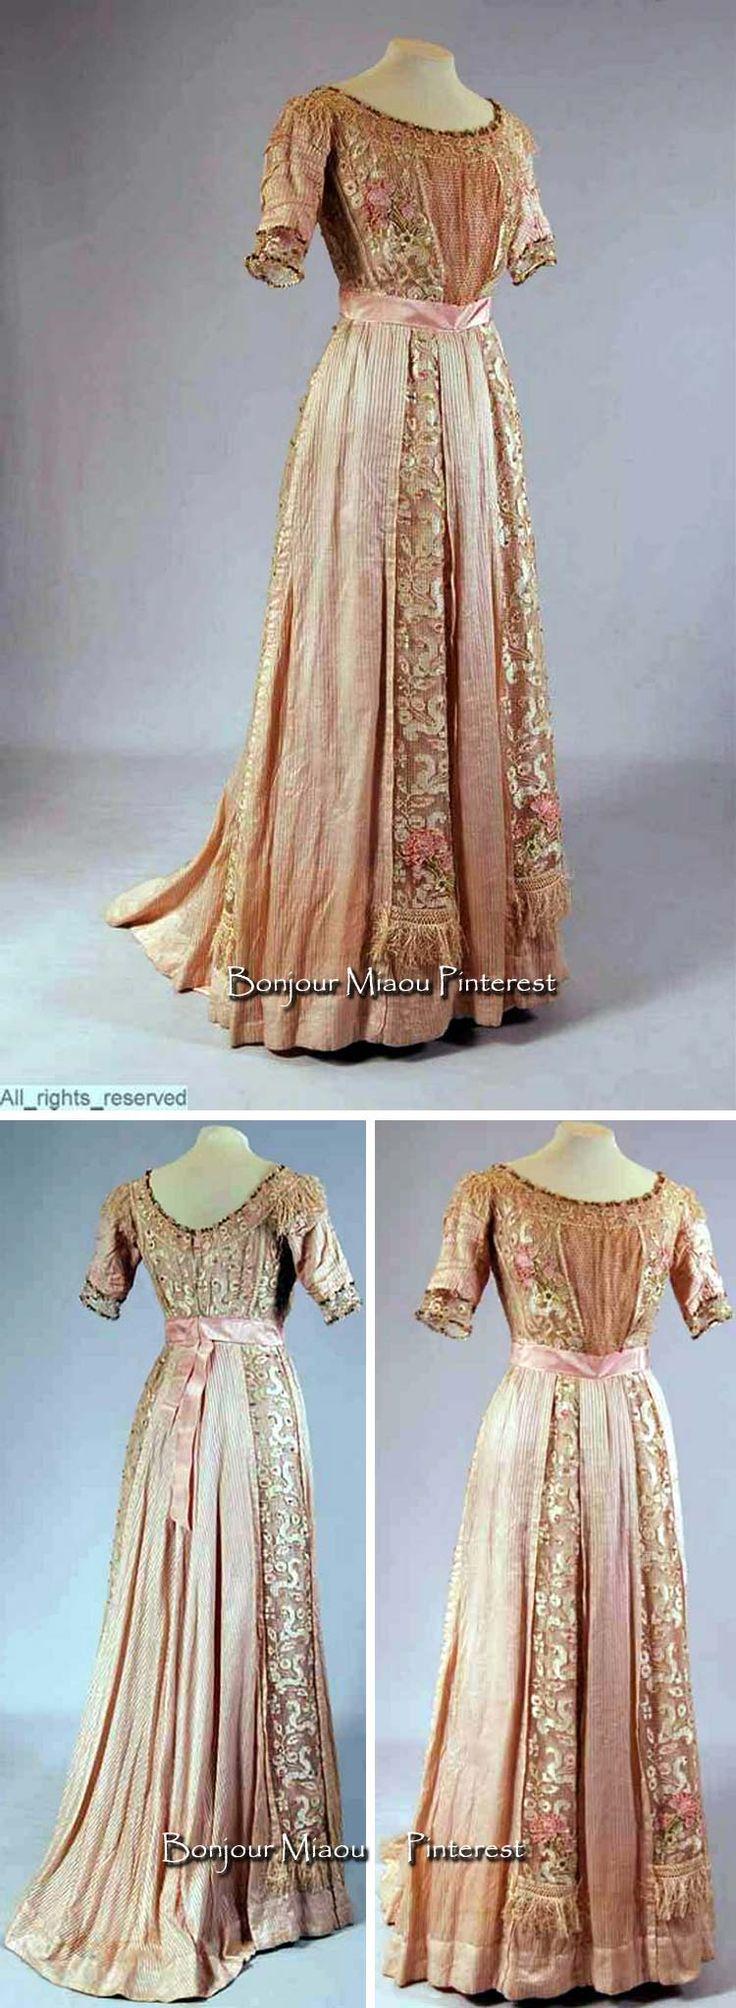 Dress ca. 1905-10. Mode Museum via Europeana Fashion